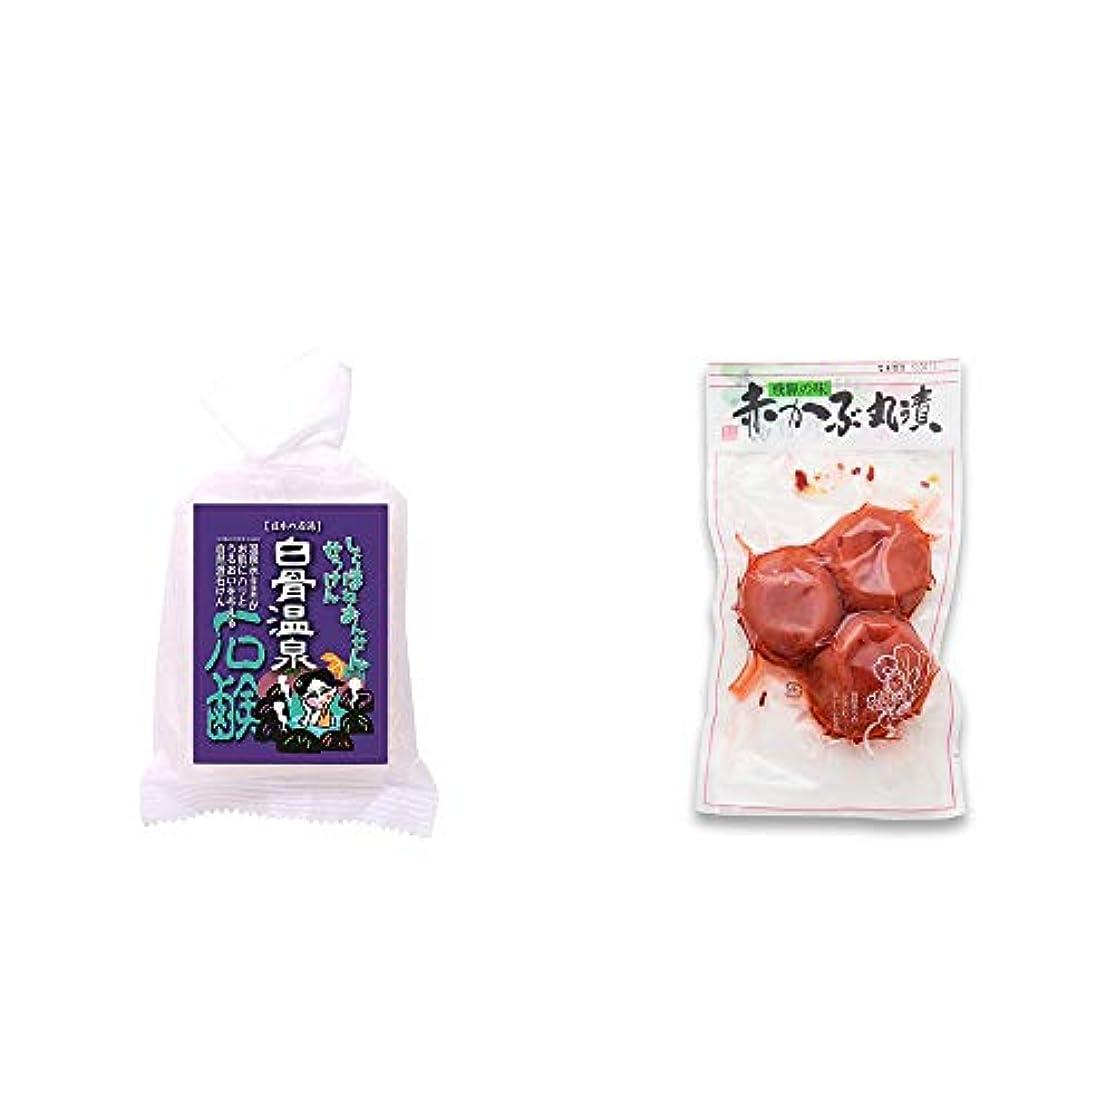 仕立て屋可動一目[2点セット] 信州 白骨温泉石鹸(80g)?赤かぶ丸漬け(150g)